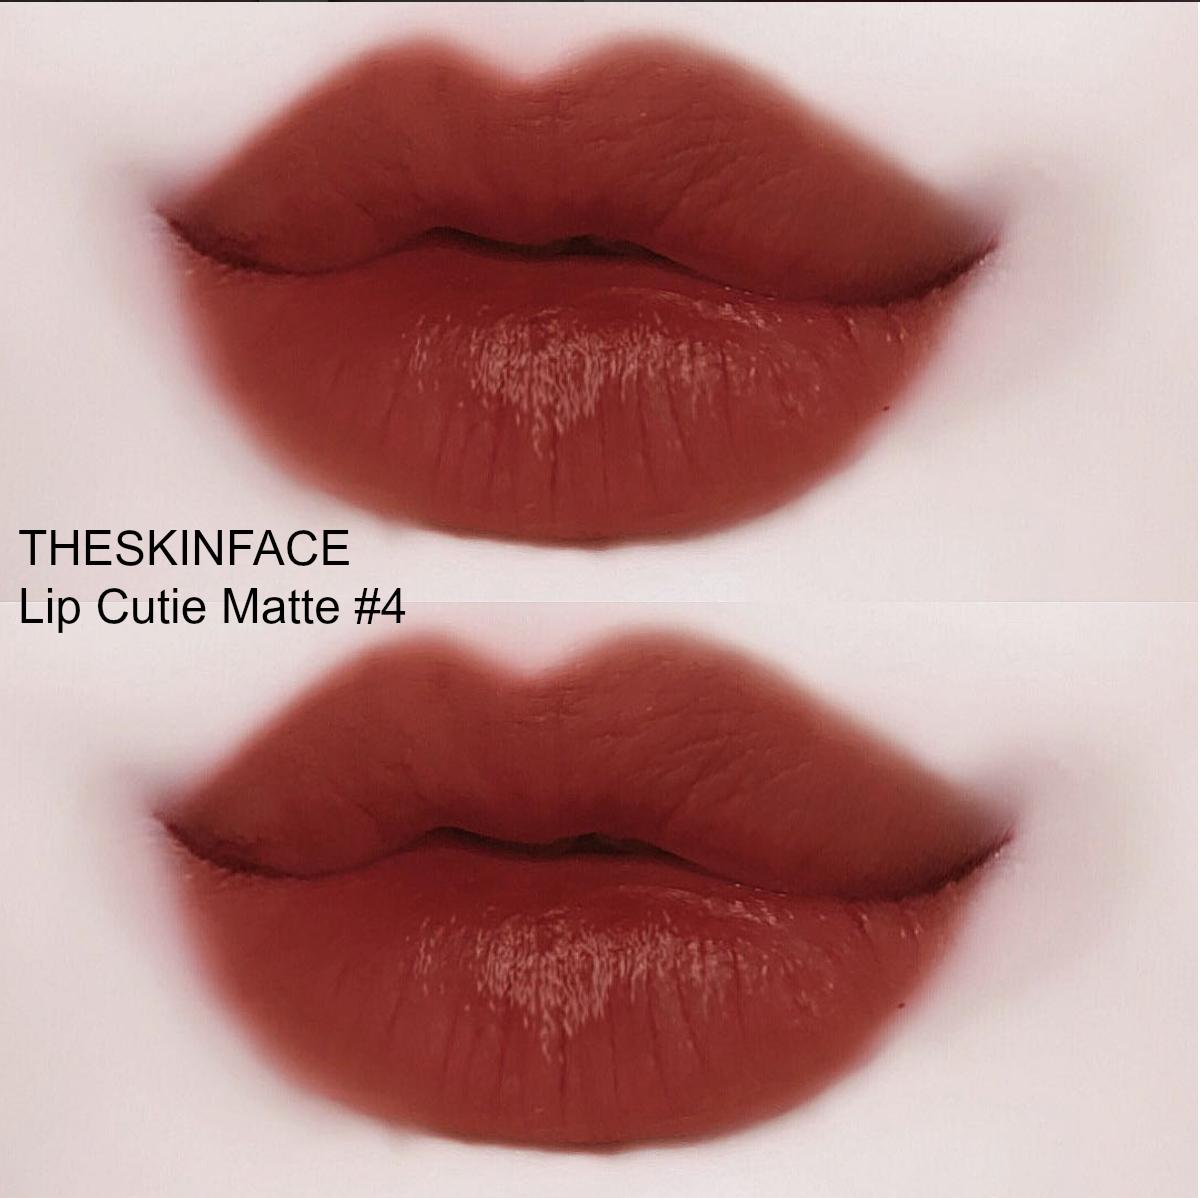 Truy tìm lý do The Skinface Lips Cutie Matte khiến các tín đồ làm đẹp review điên đảo - Ảnh 10.